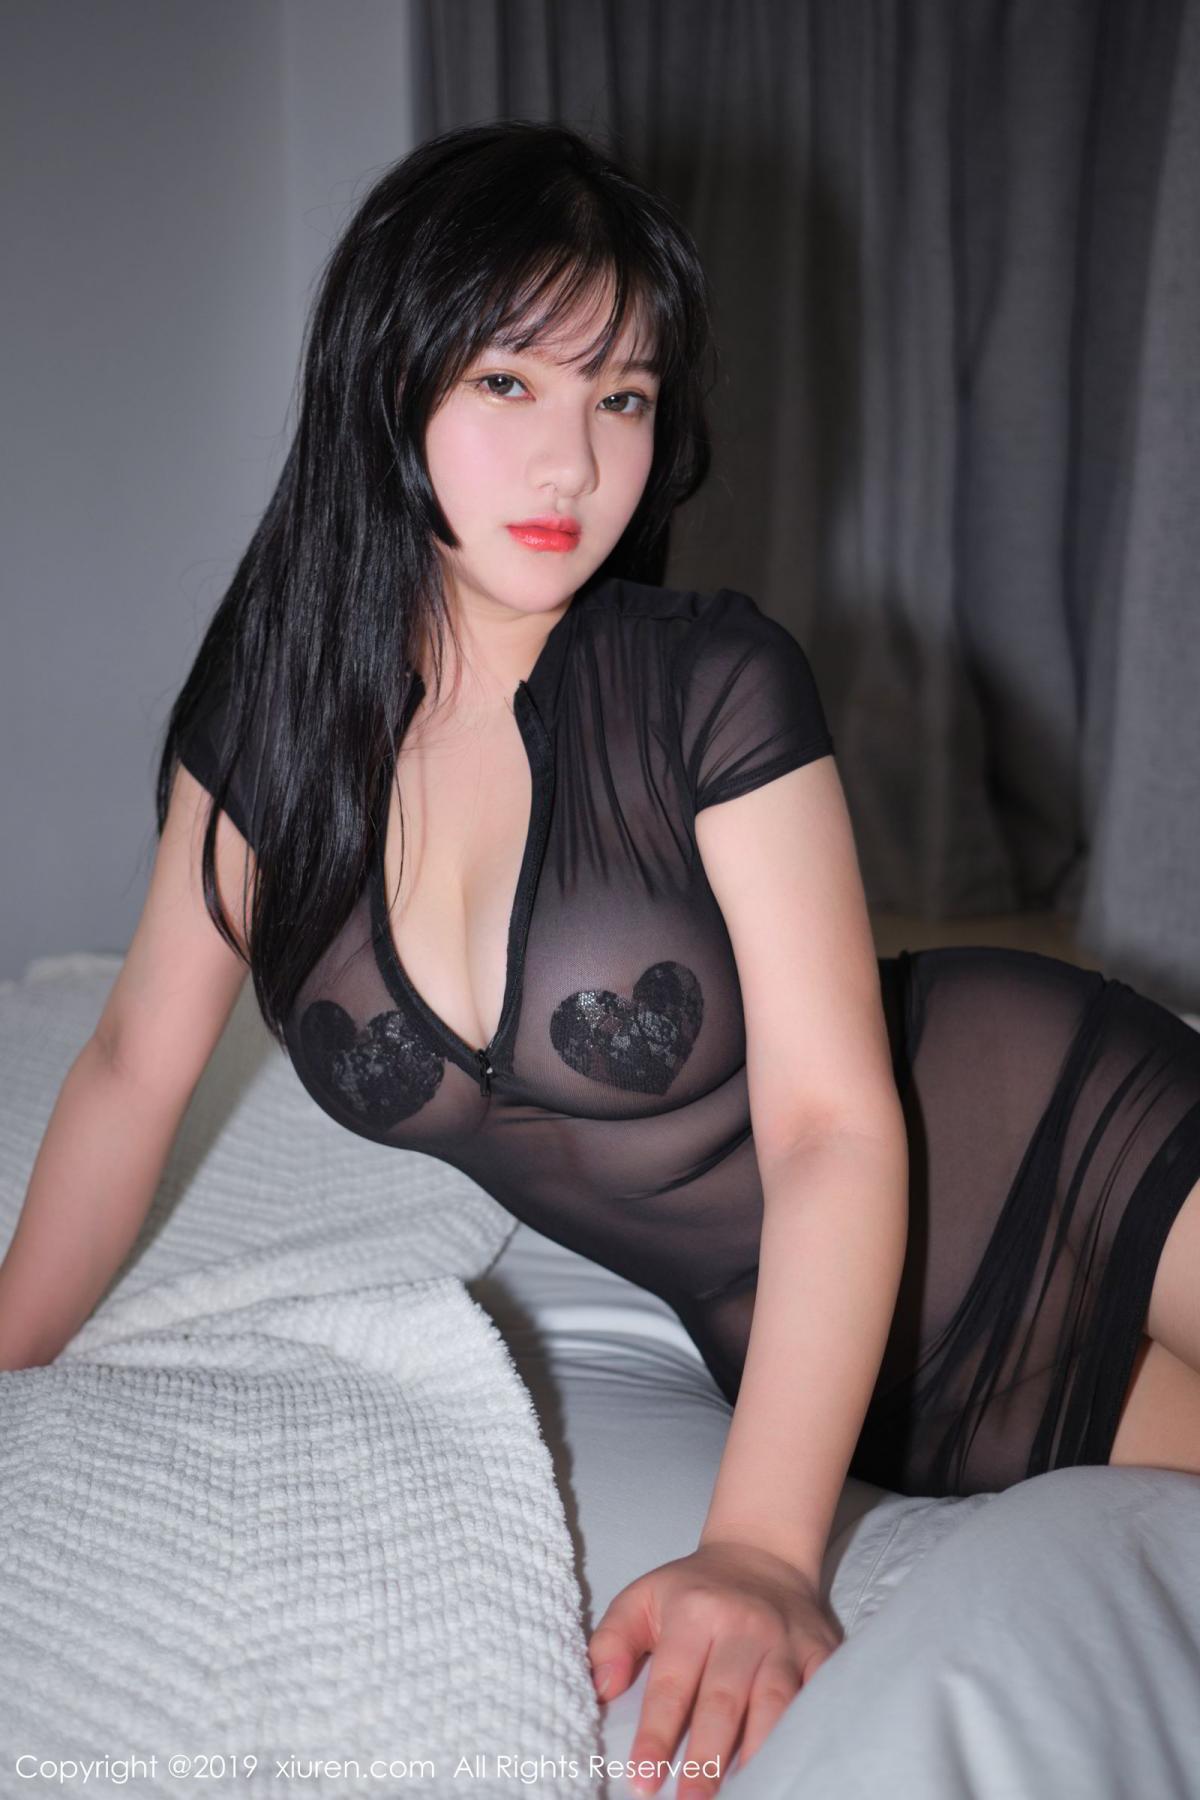 [XiuRen] Vol.1824 Lu Lu Xiao Miao 33P, Baby Face Big Boobs, Lu Lu Xiao Miao, Maid, Xiuren